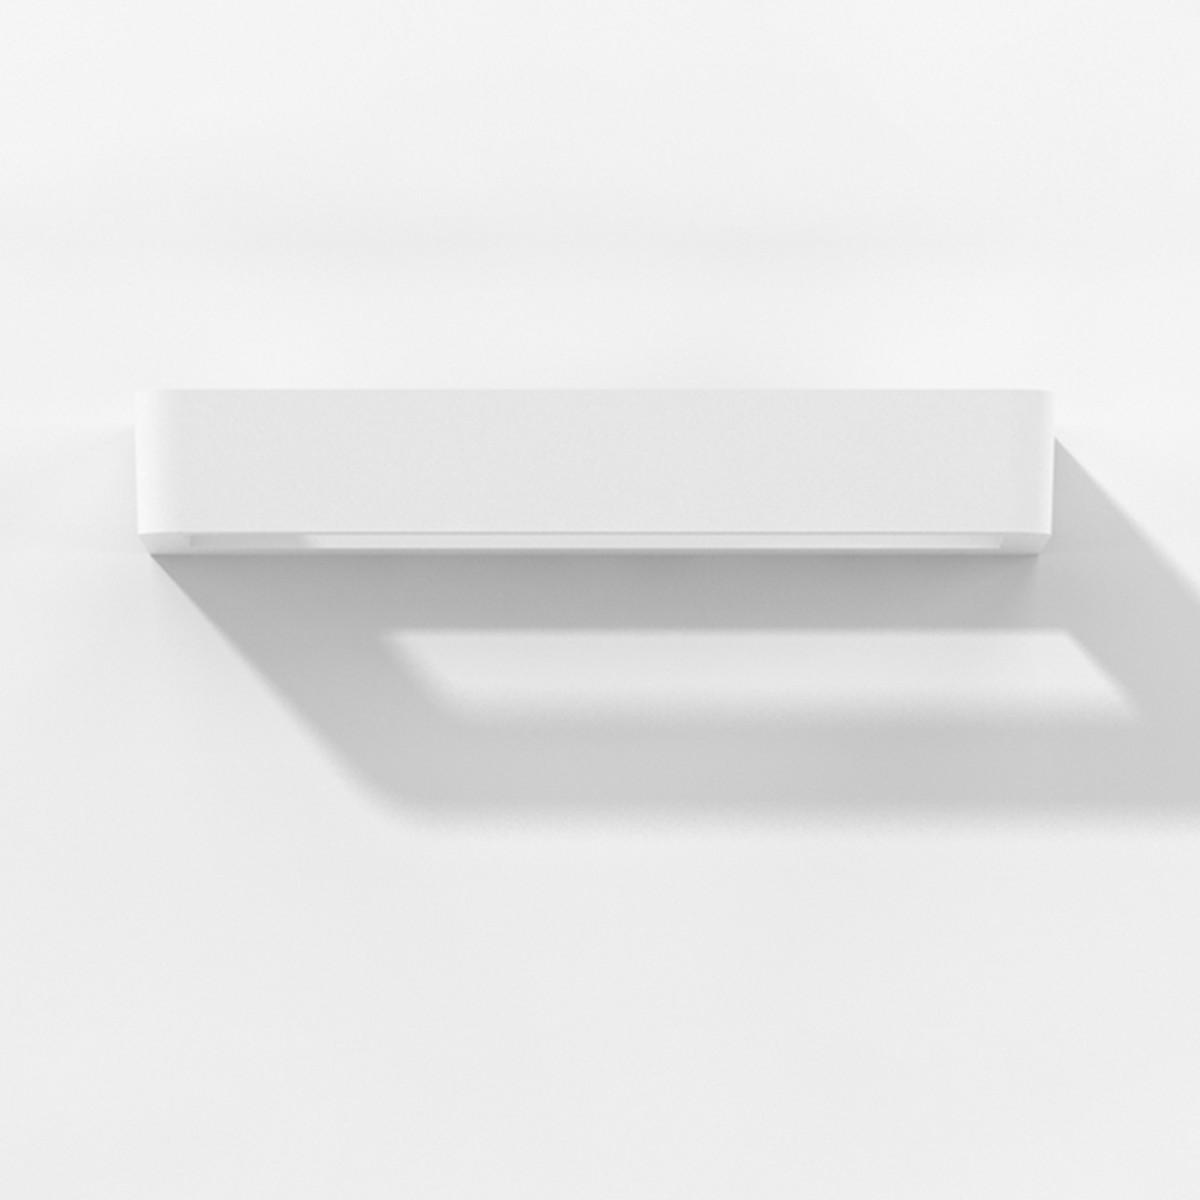 Rotaliana Belvedere W2 LED Wandleuchte für Phasenabschnittsdimmer, 3000 °K, weiß matt